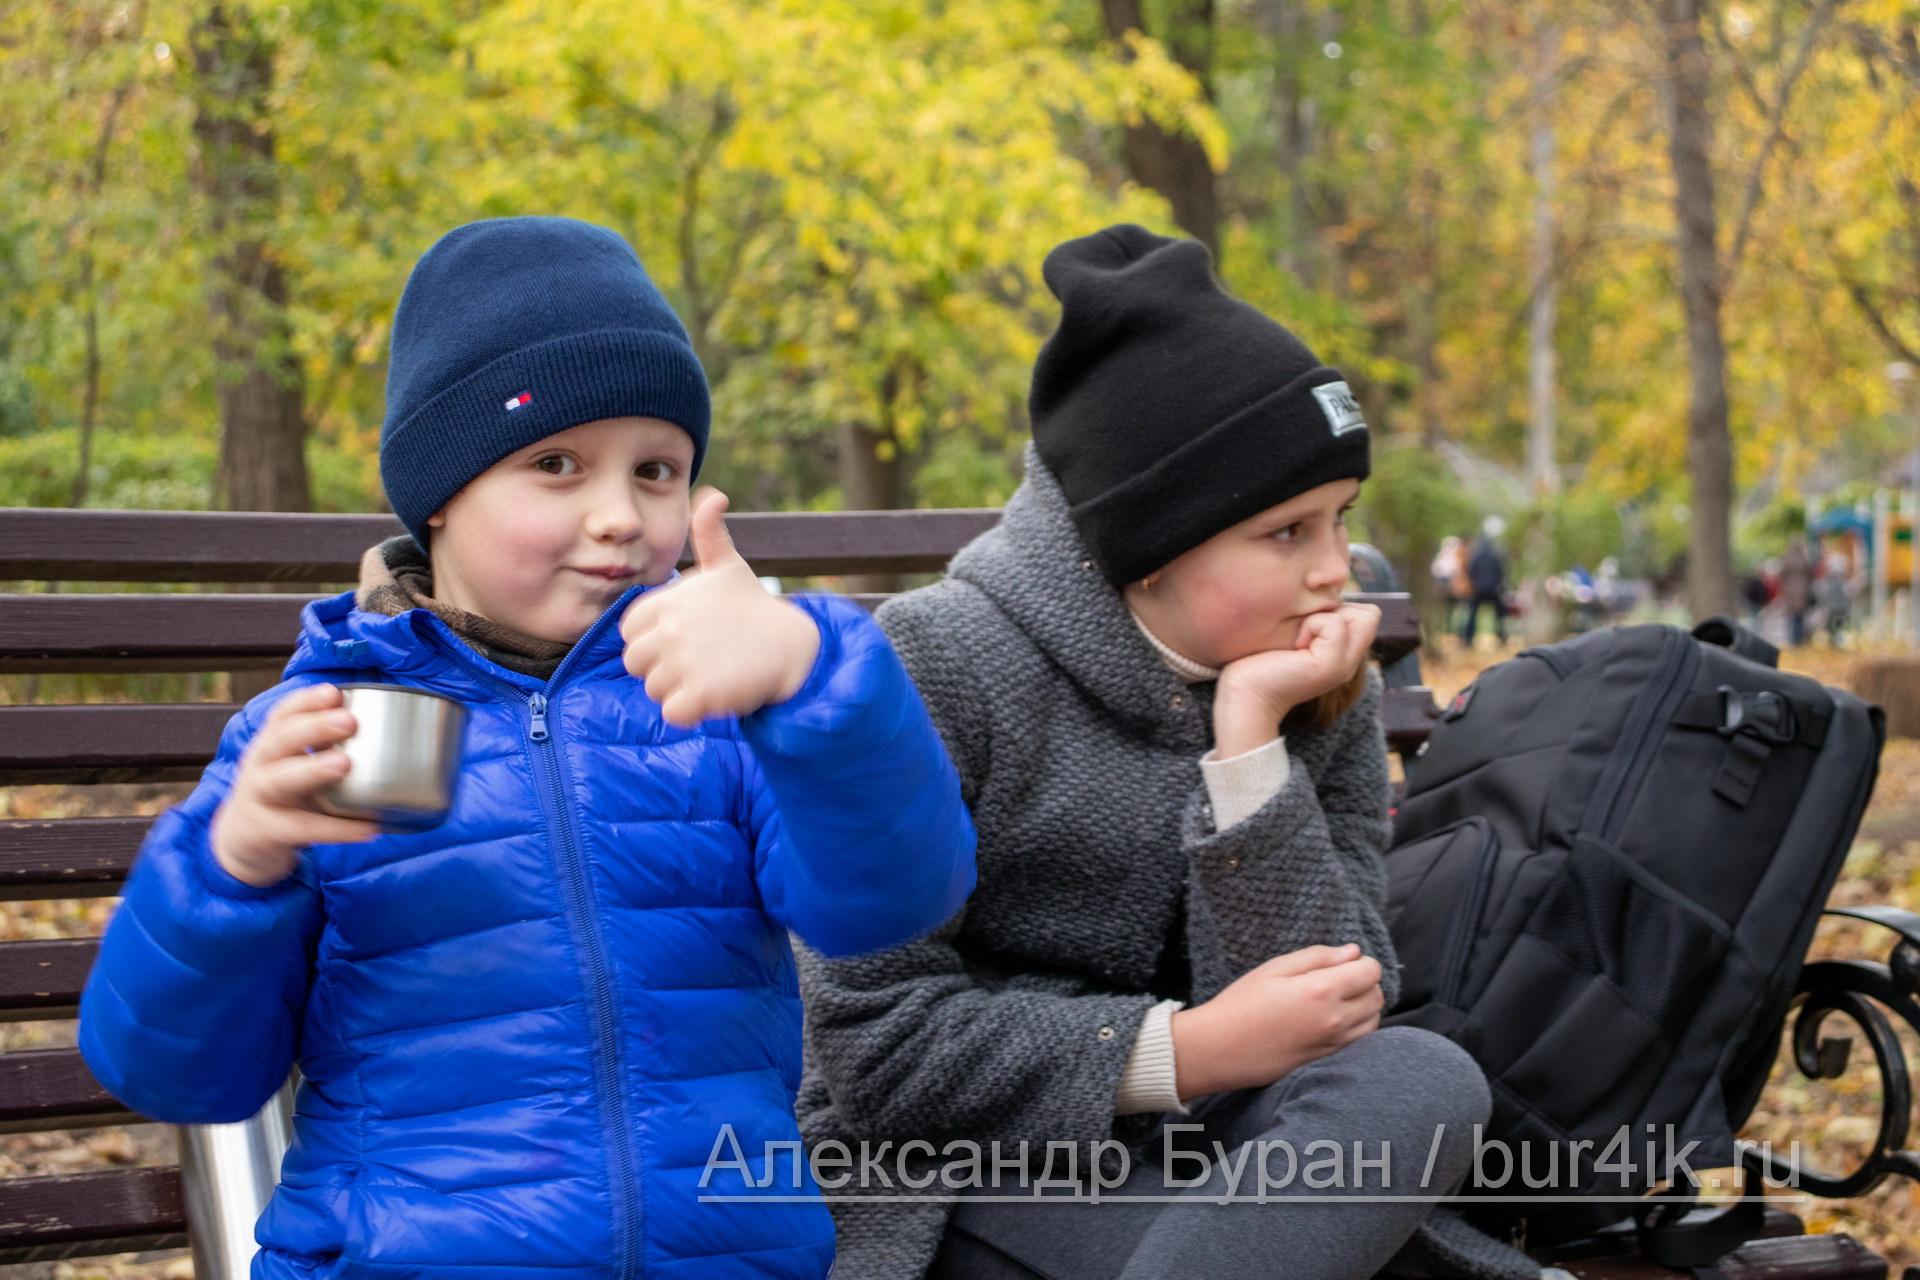 Мальчик показывает большой палец, сидящего на скамейке рядом с сестрой - Украина, Одесса, 17,10,2019